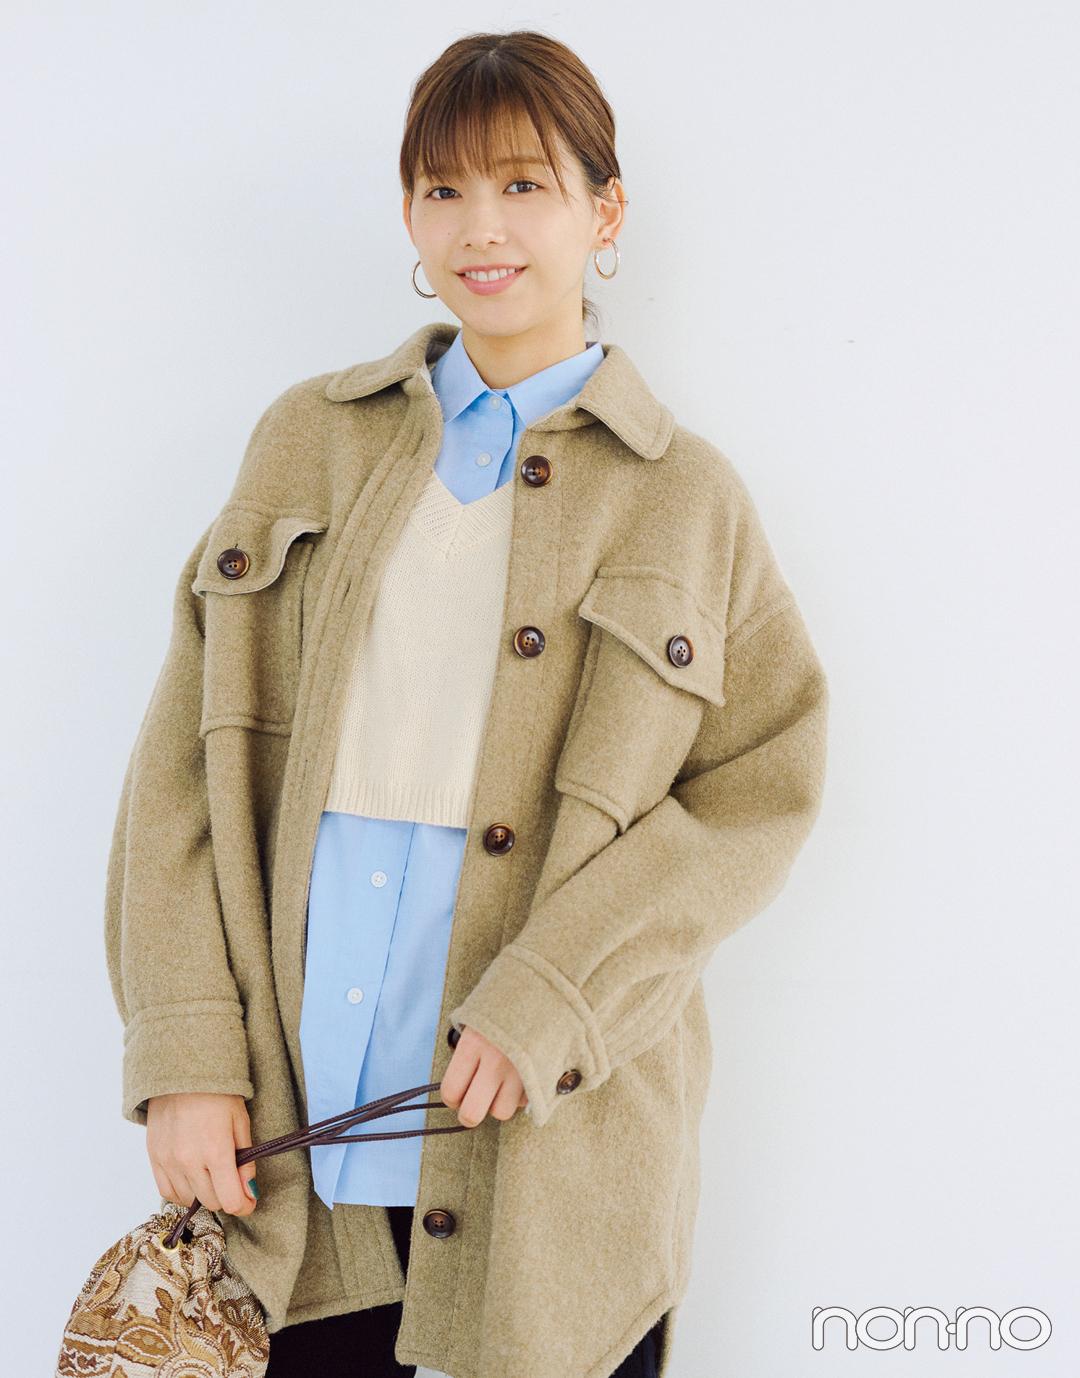 ジャケット+パンツでも女らしく見せるコツって?ジャケットQ&A第二弾★_1_3-1